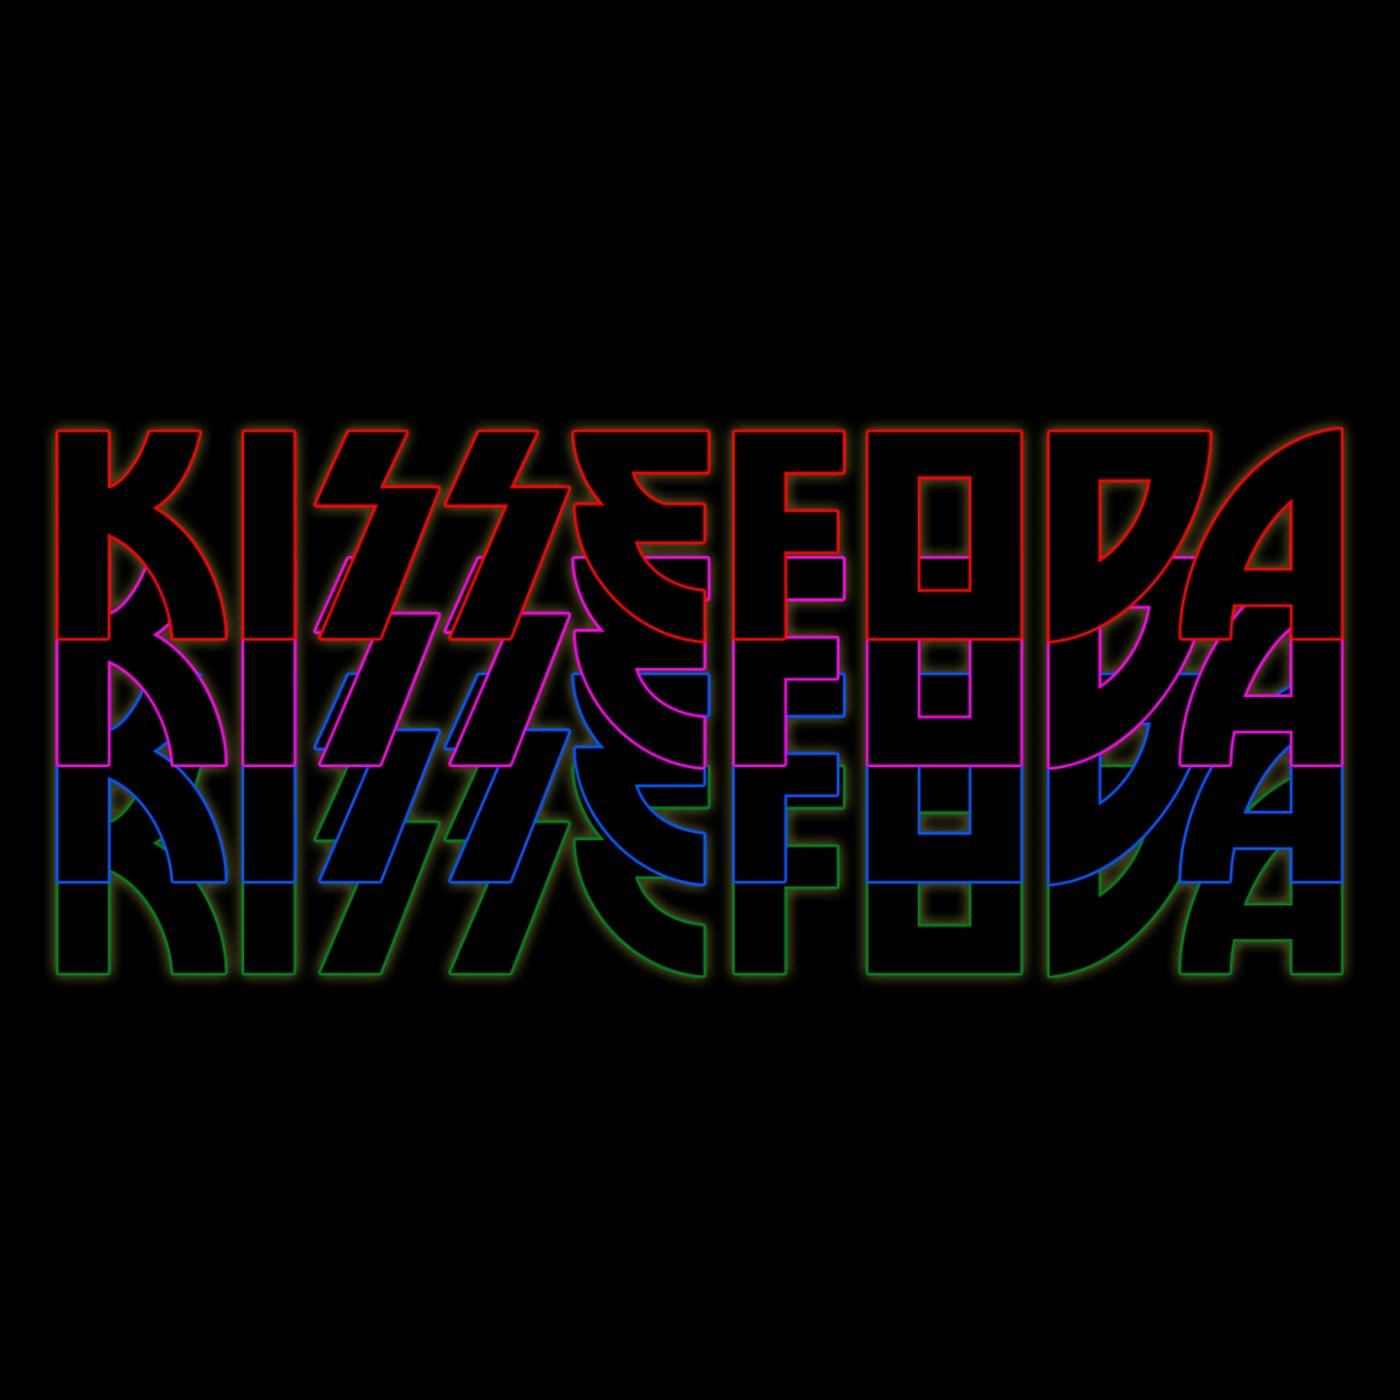 KISSEFODA